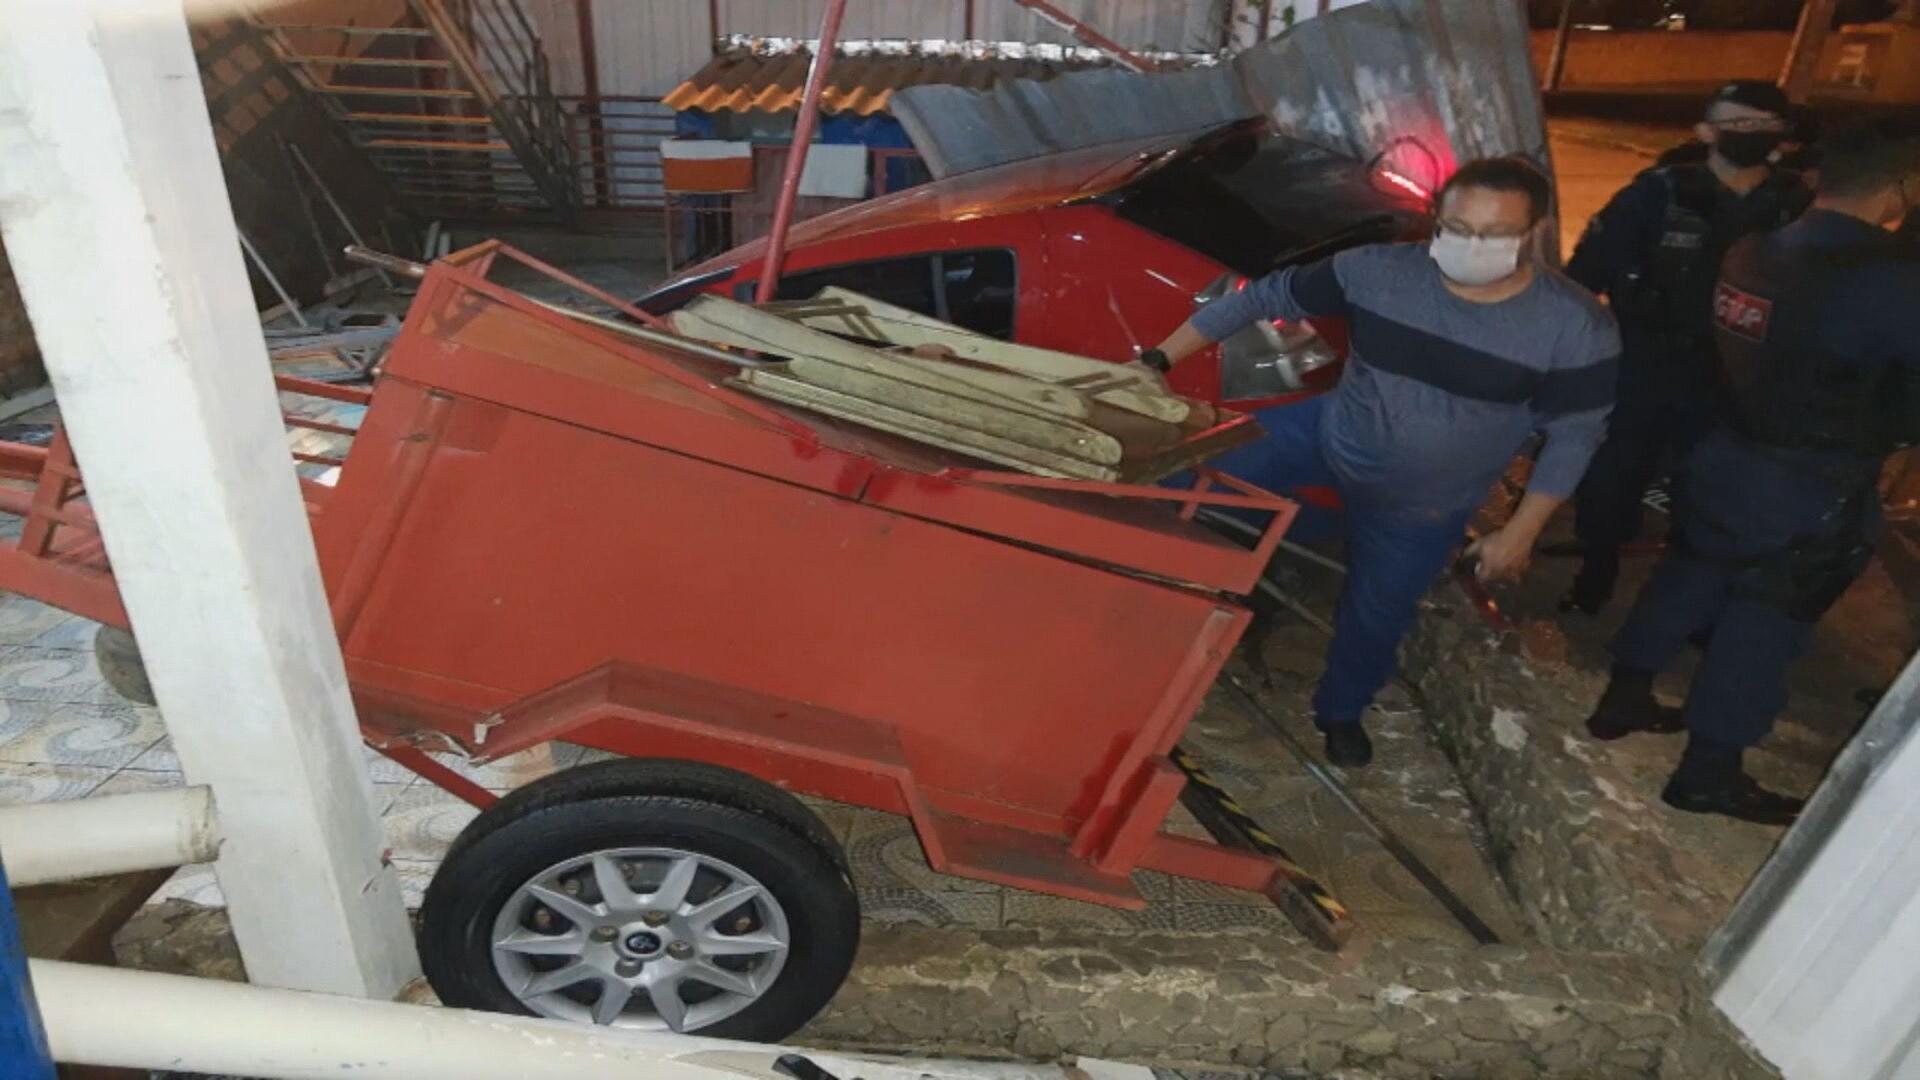 Motorista perde controle do carro e invade piscina em Taguatinga Norte, no DF